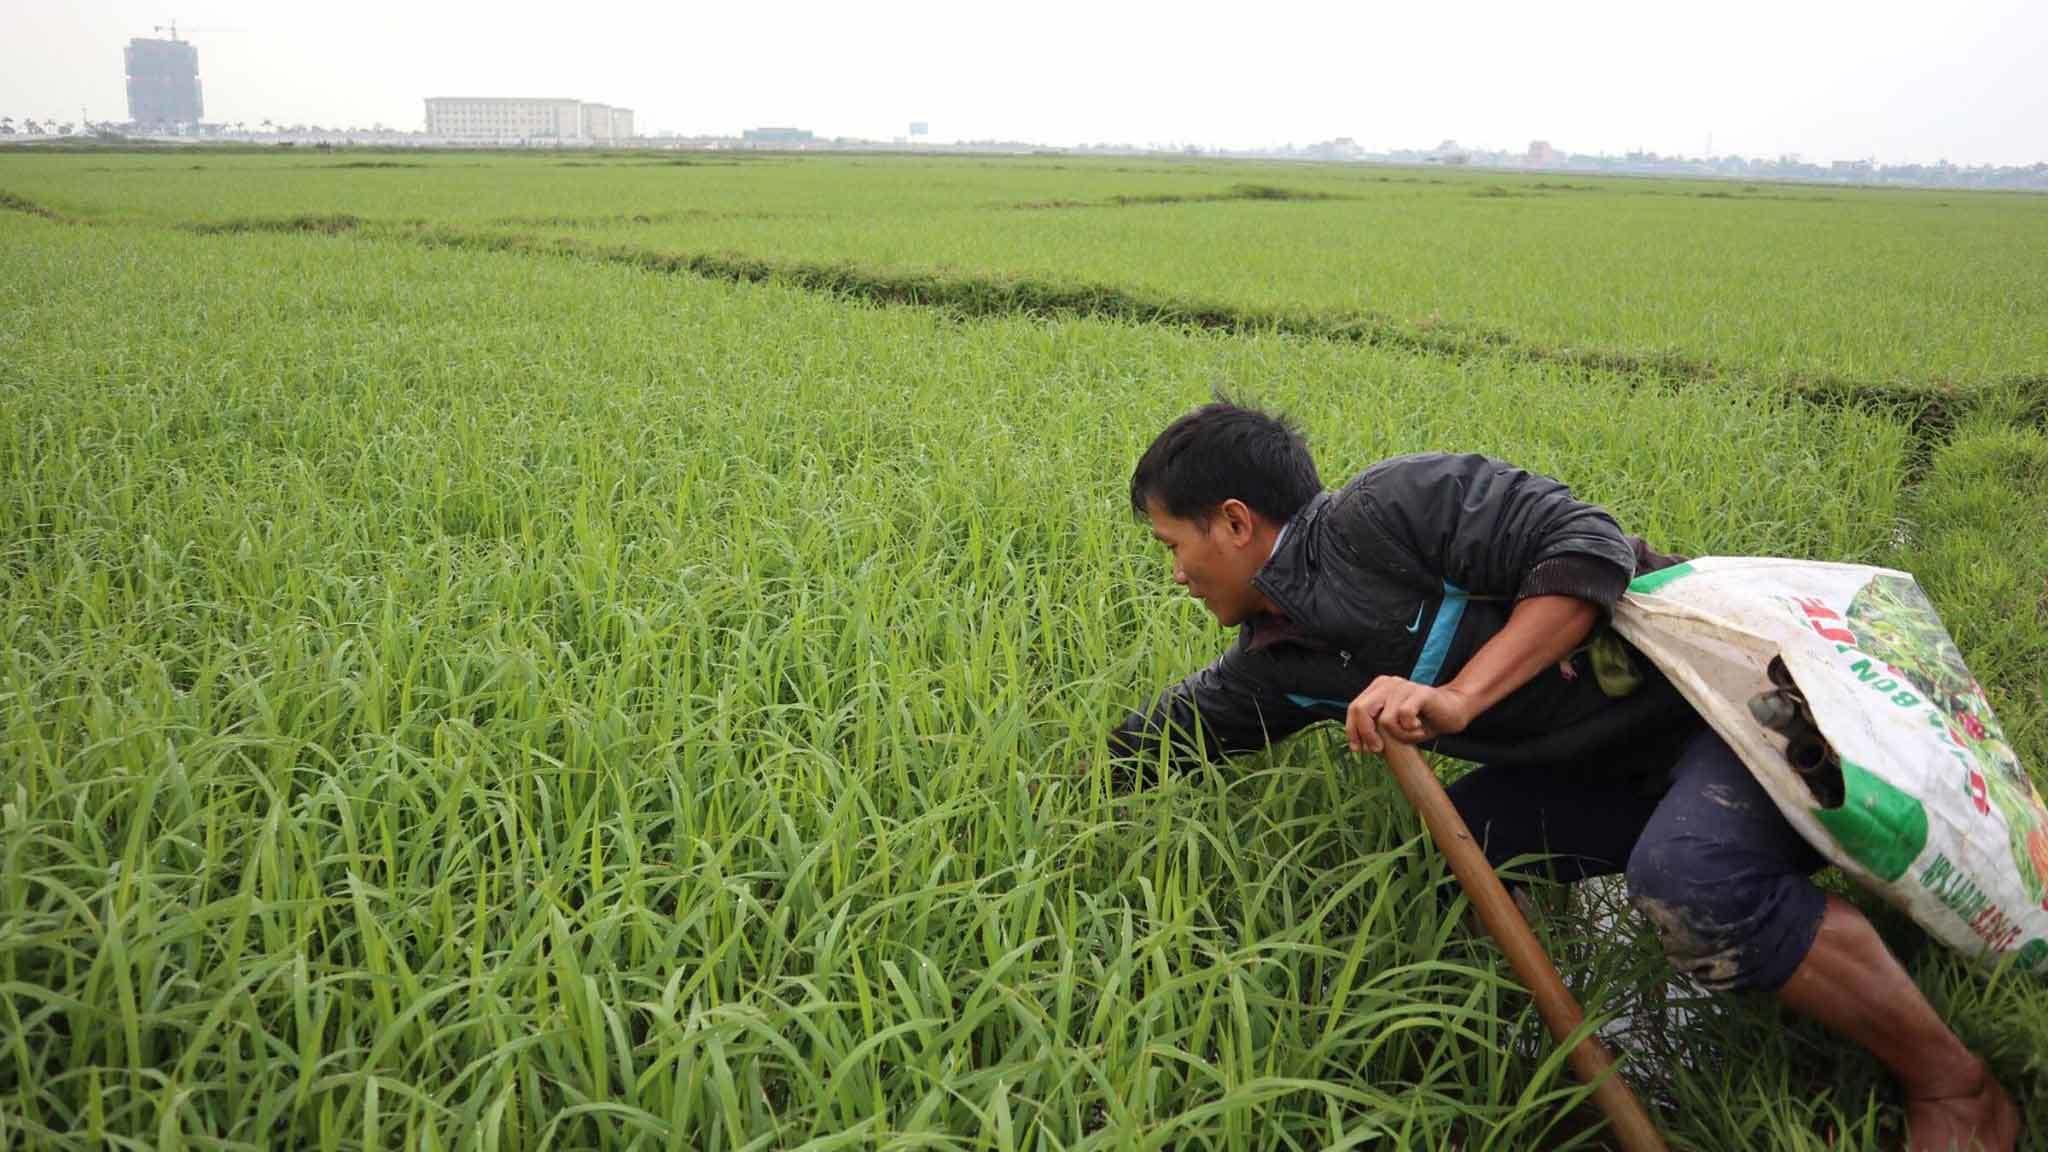 Tuyệt chiêu bắt lươn đồng của thầy giáo cấp 3 ở Hà Tĩnh